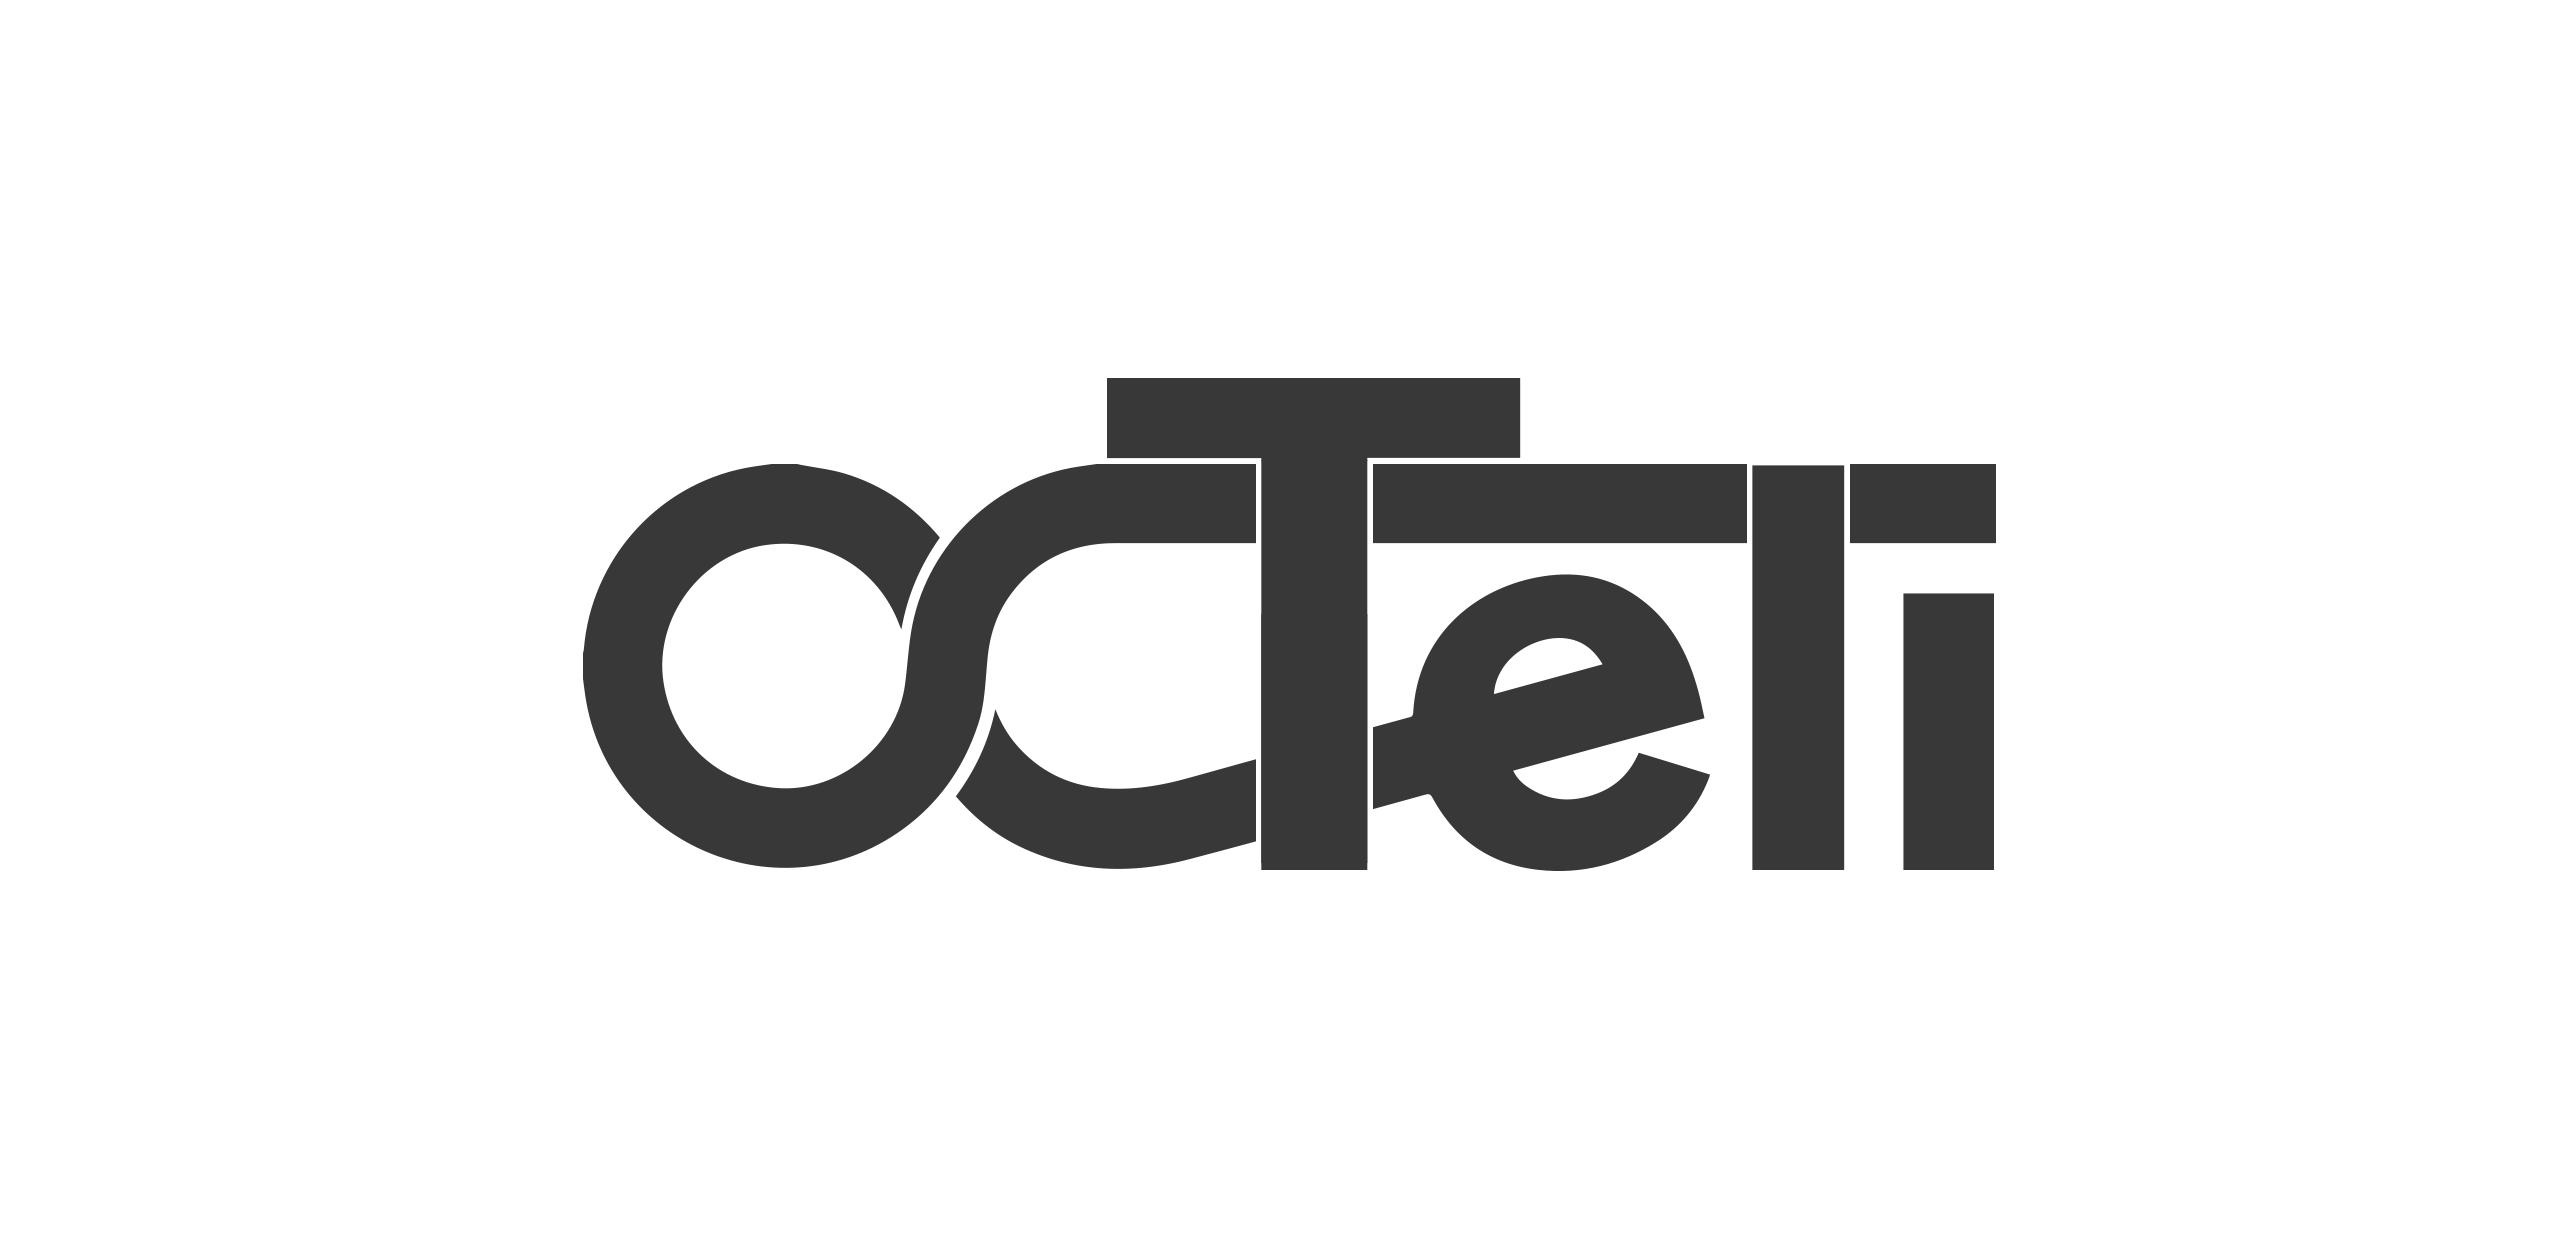 Разработка логотипа и фирменного стиля фото f_2765904a65d640b3.png